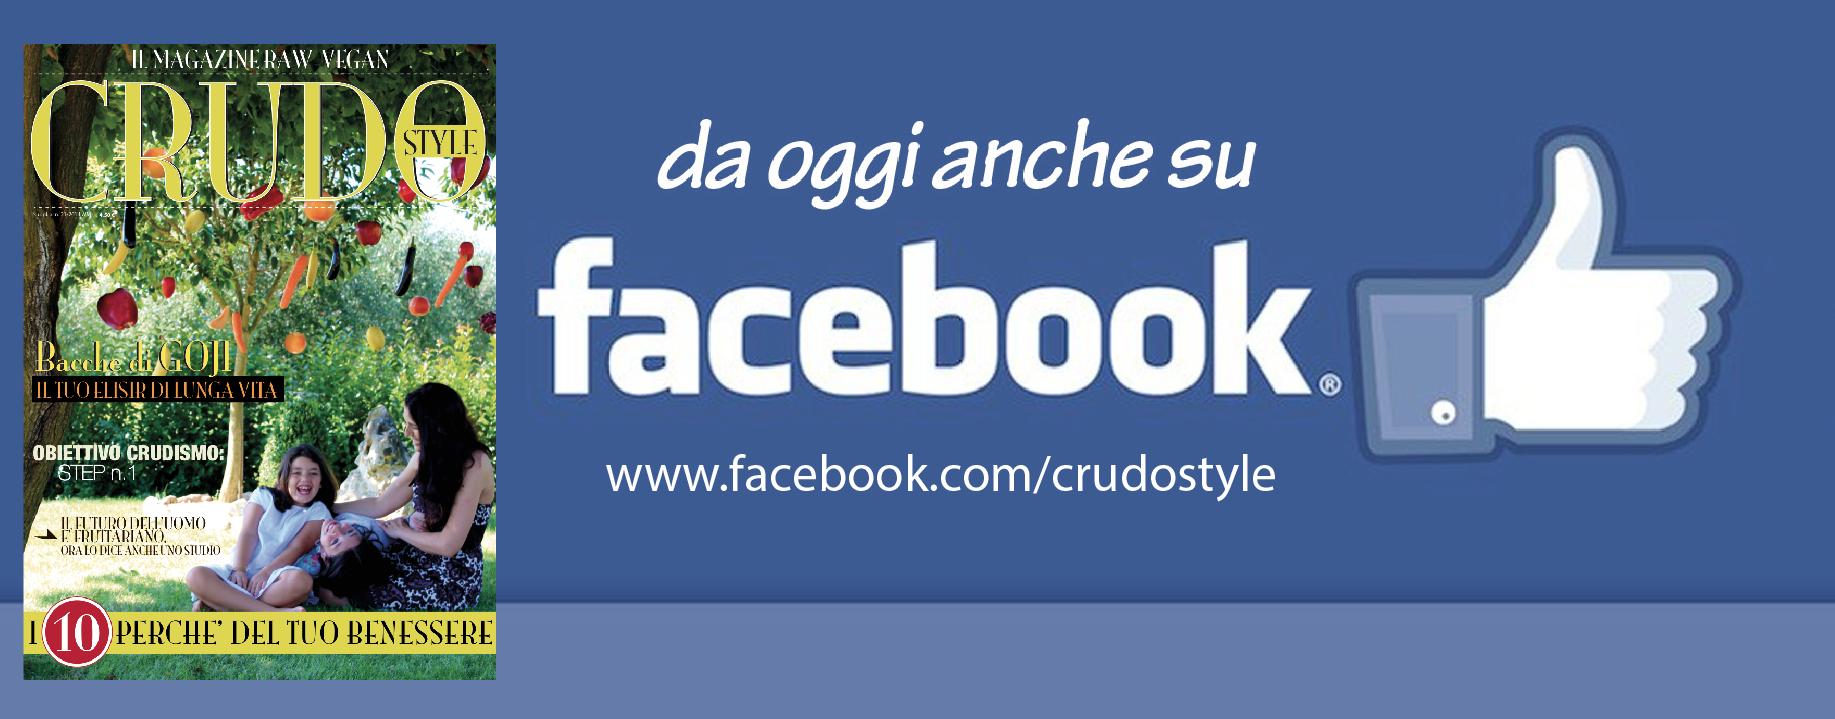 facebo